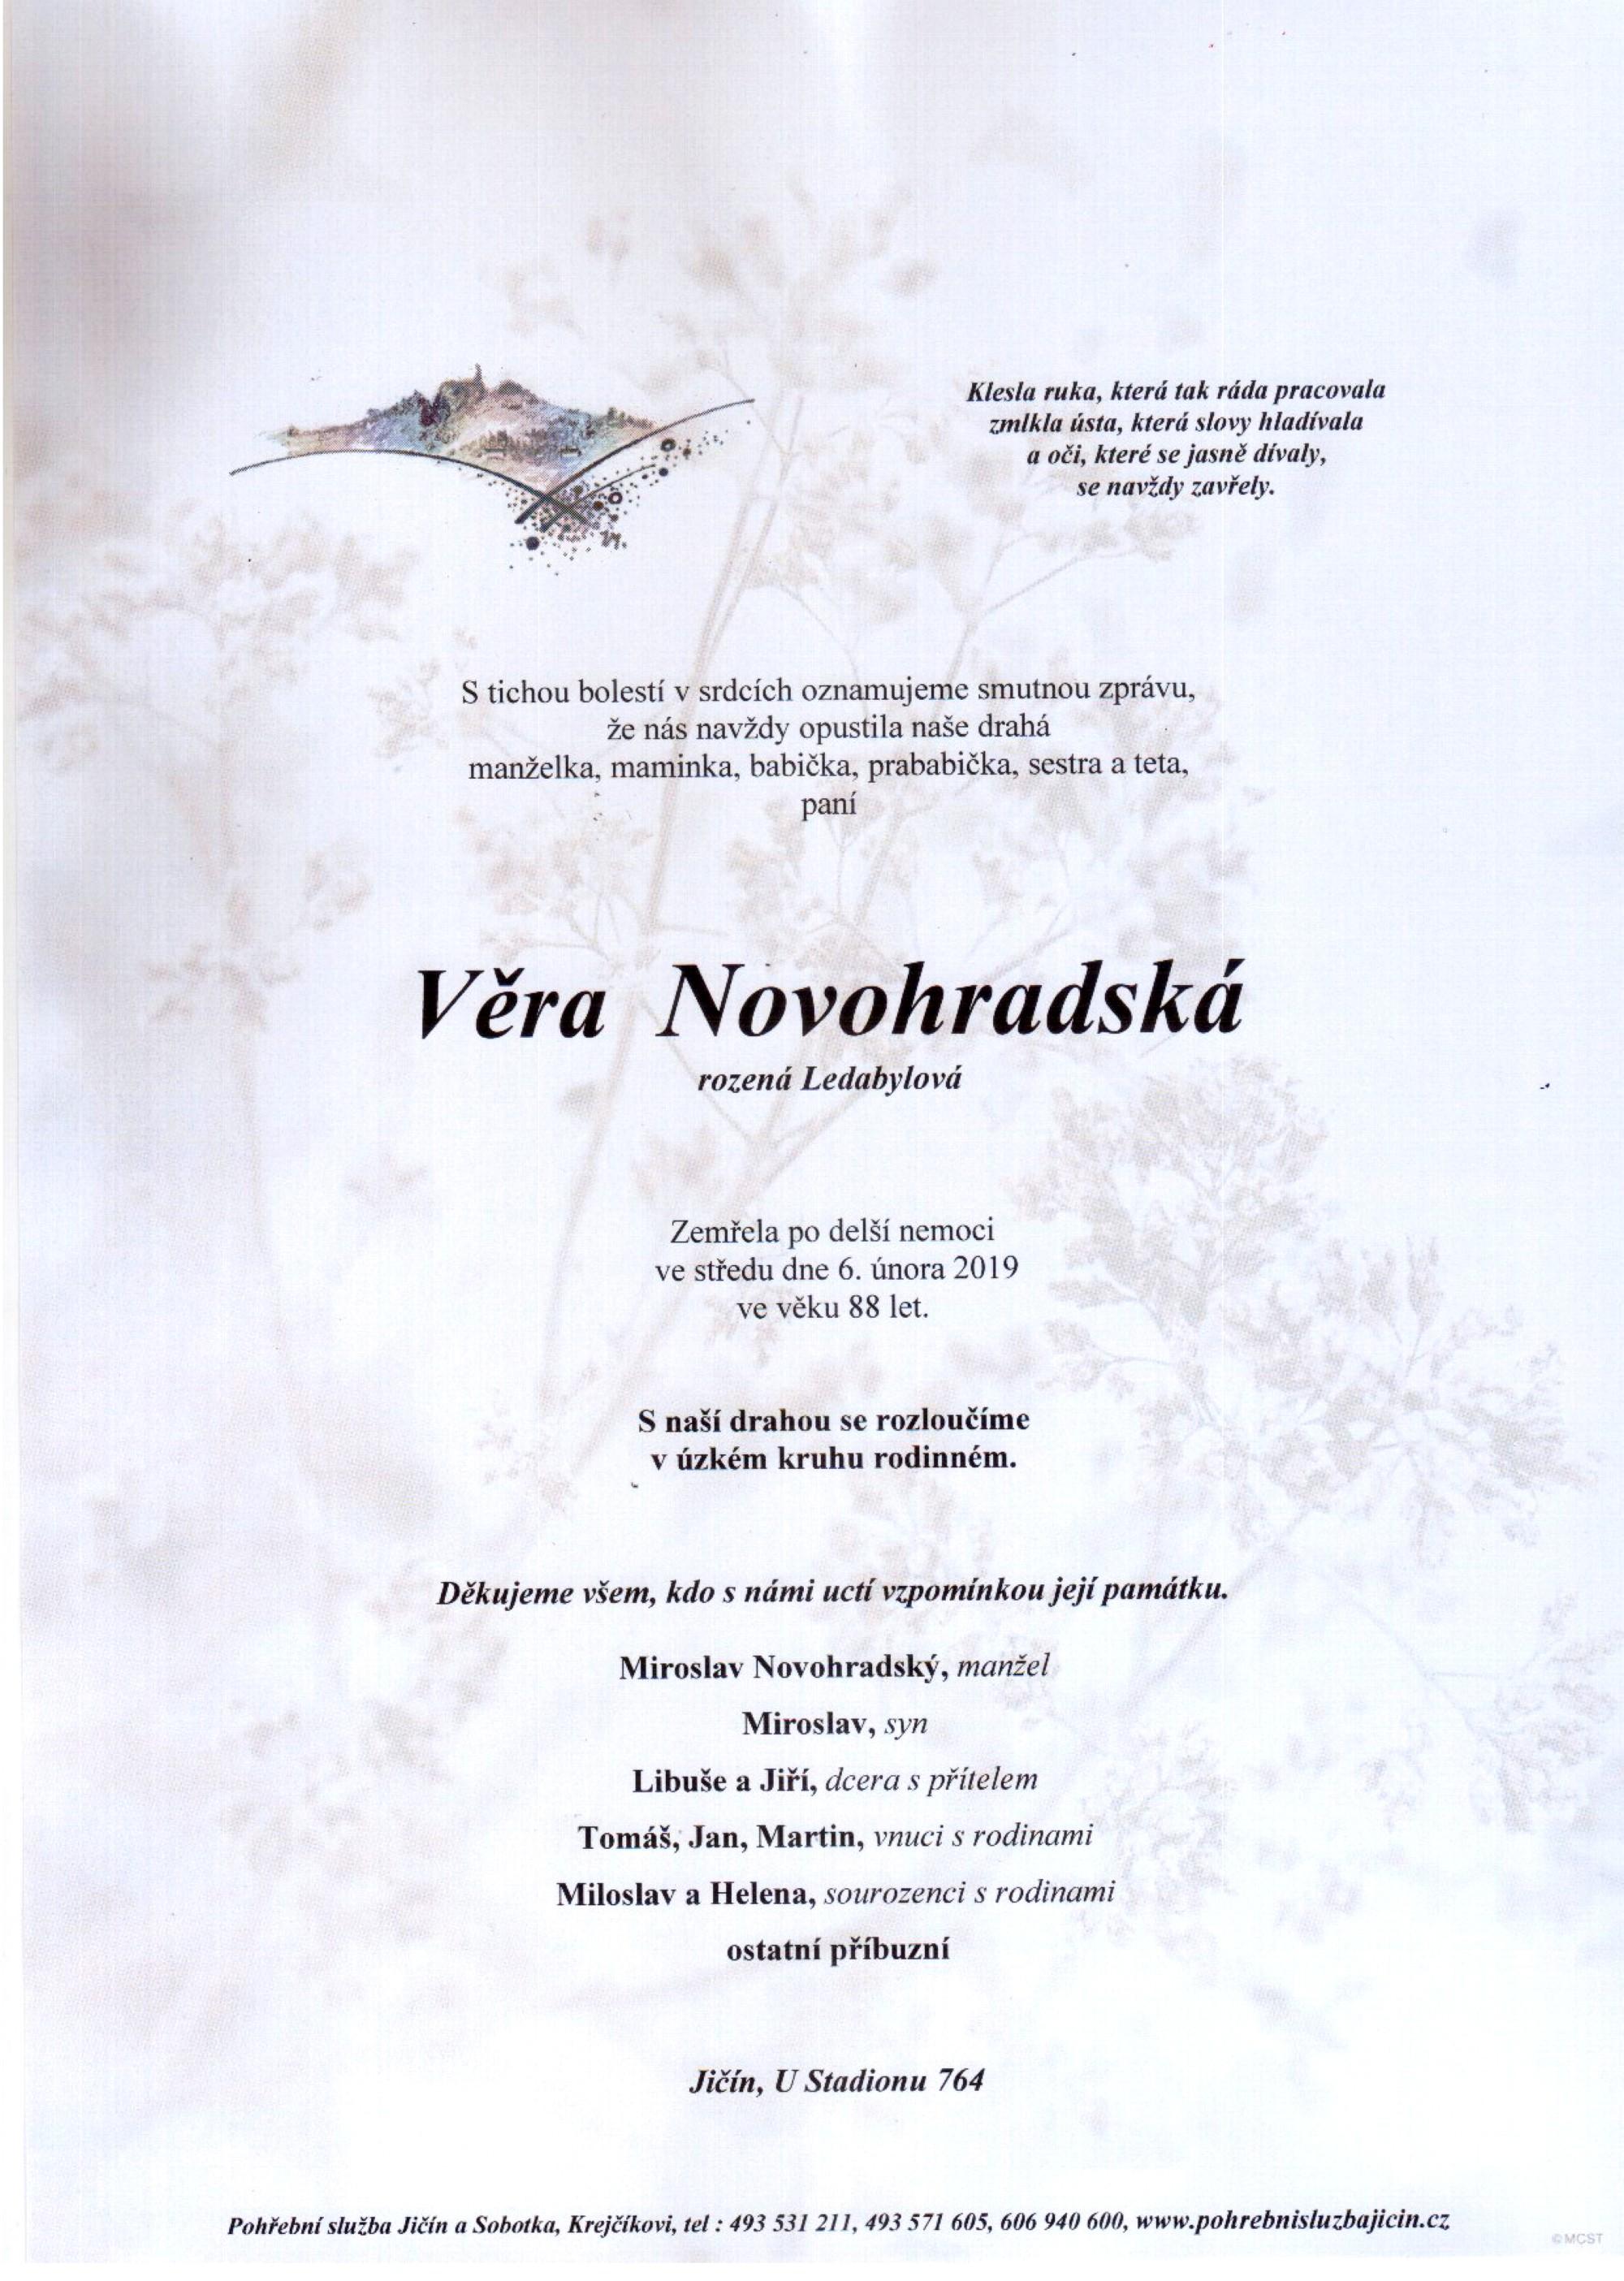 Věra Novohradská